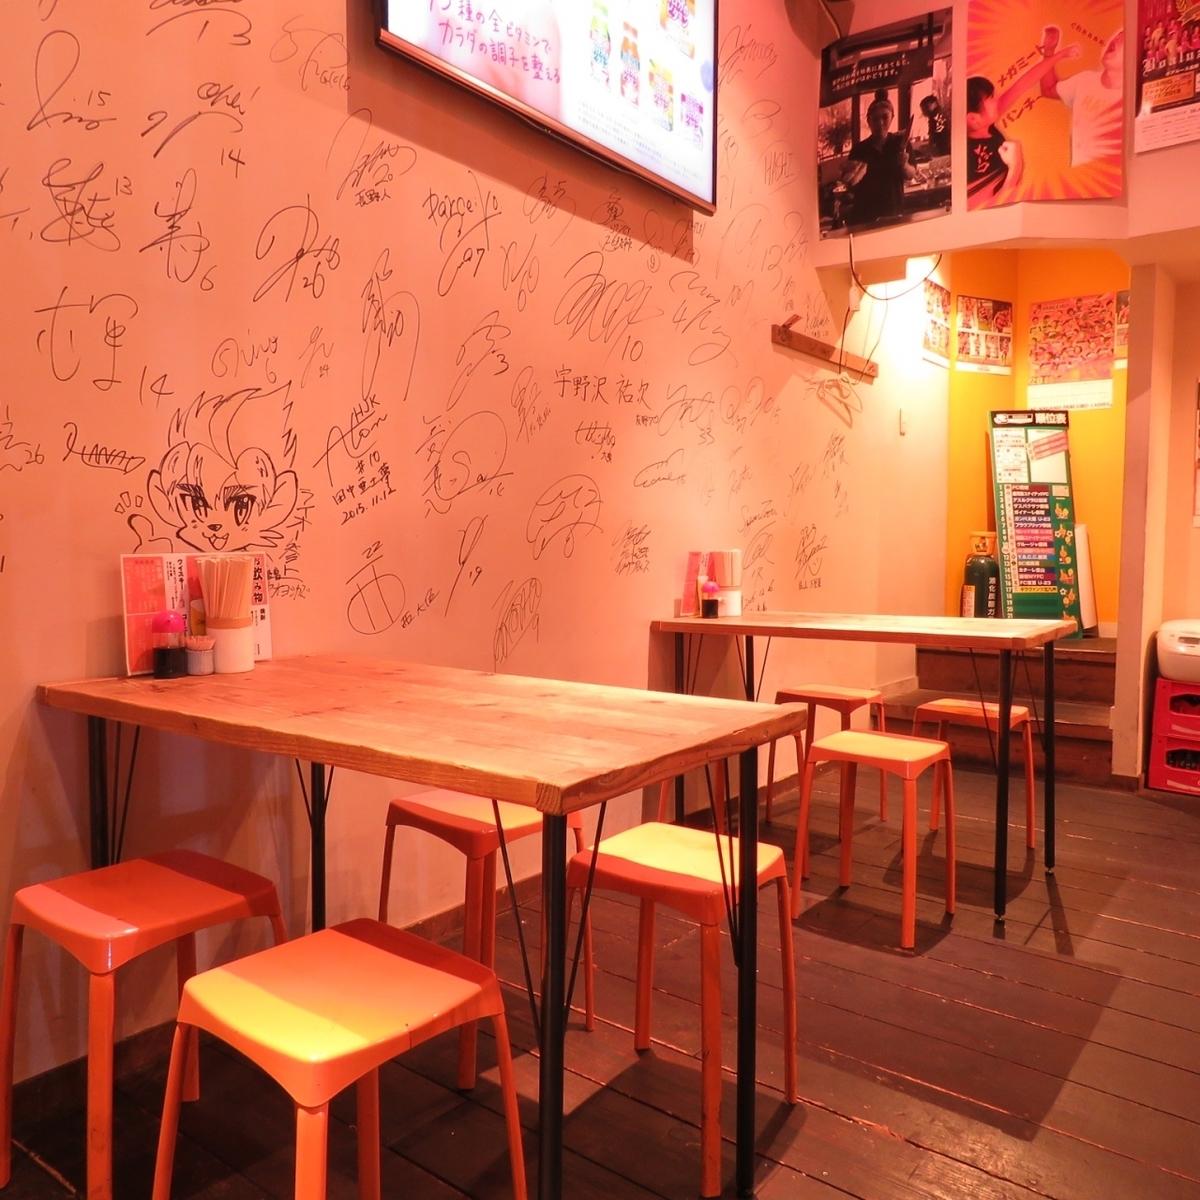 1Fにはテーブル席もご用意!壁には有名人やスポーツ選手のサインがズラリ!